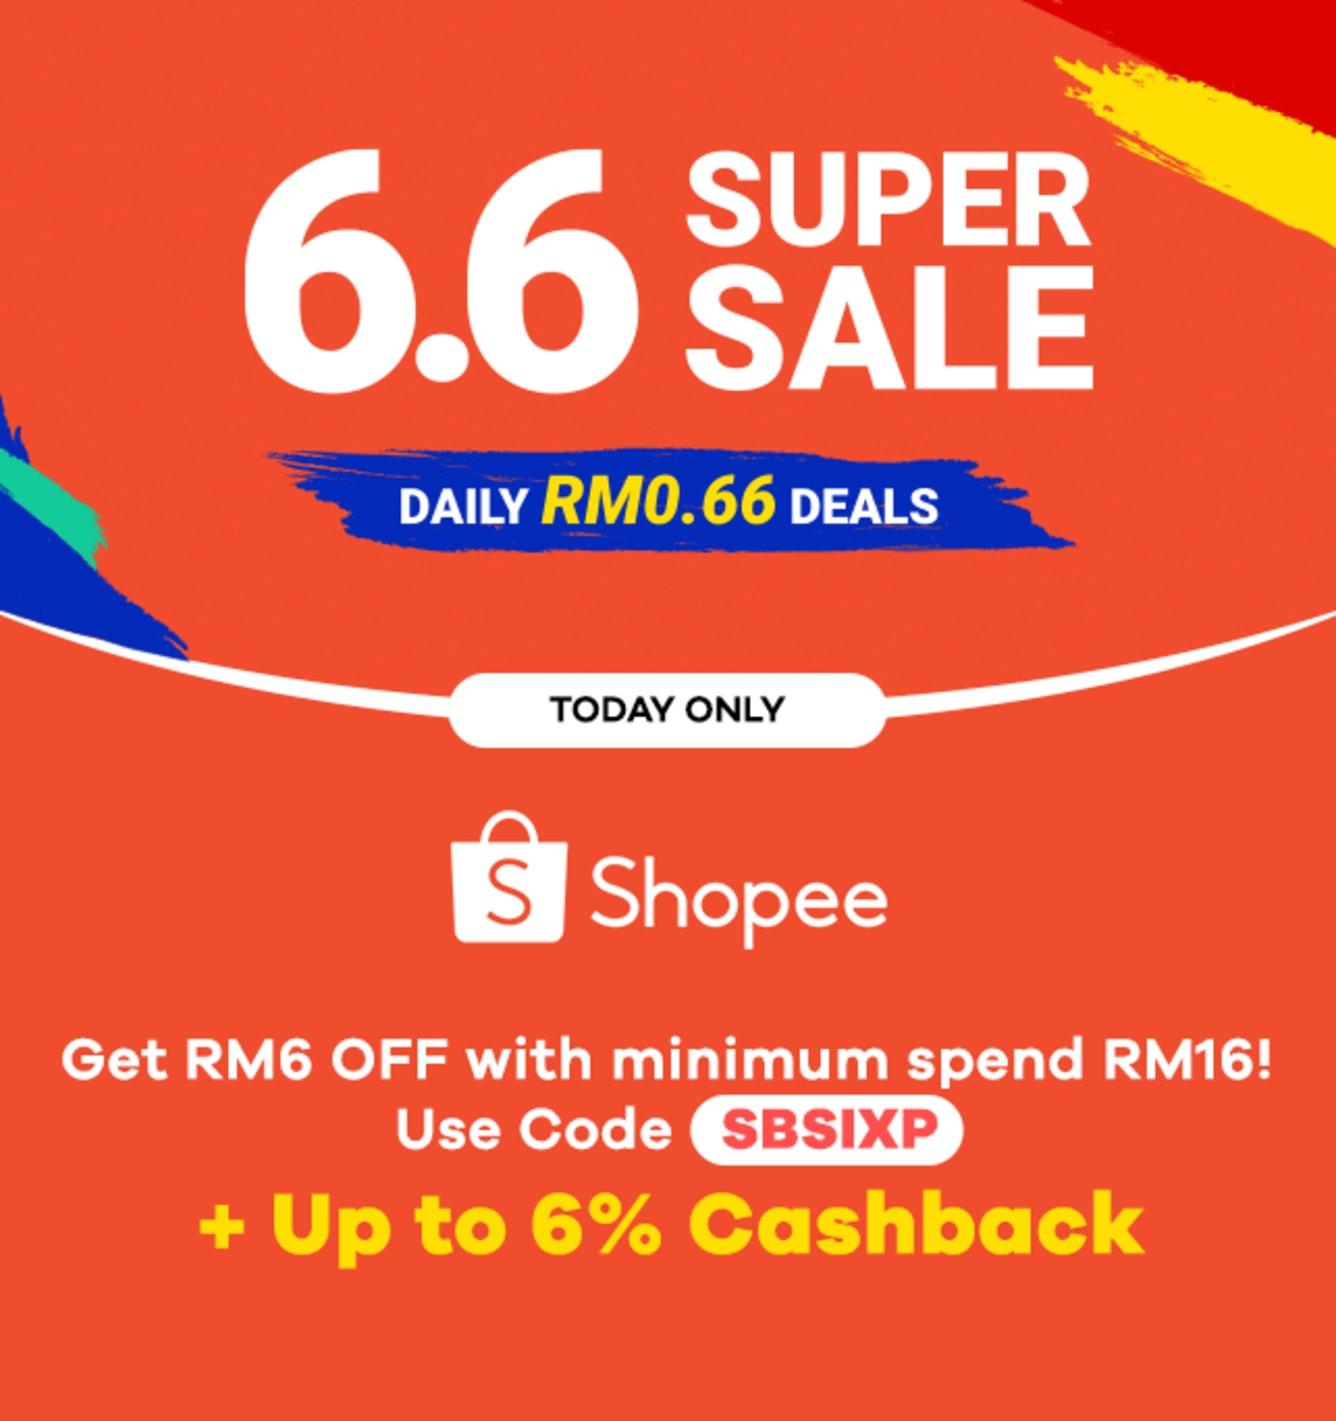 Raya Bersama Shopee up to 6% Cashback